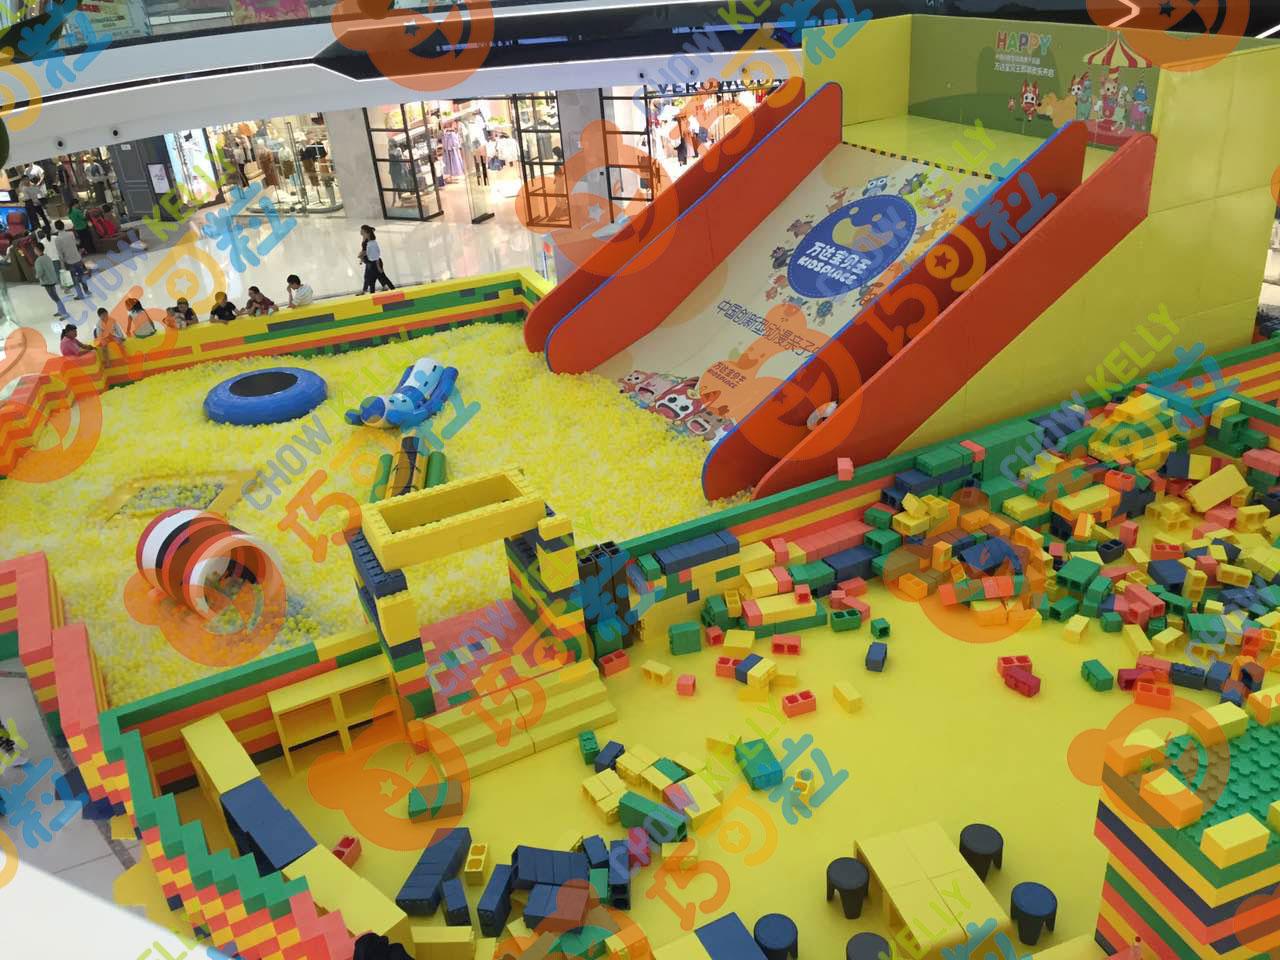 韩国进口EPP材料大型儿童积木乐园巨型积木王国出售 EPP积木乐园